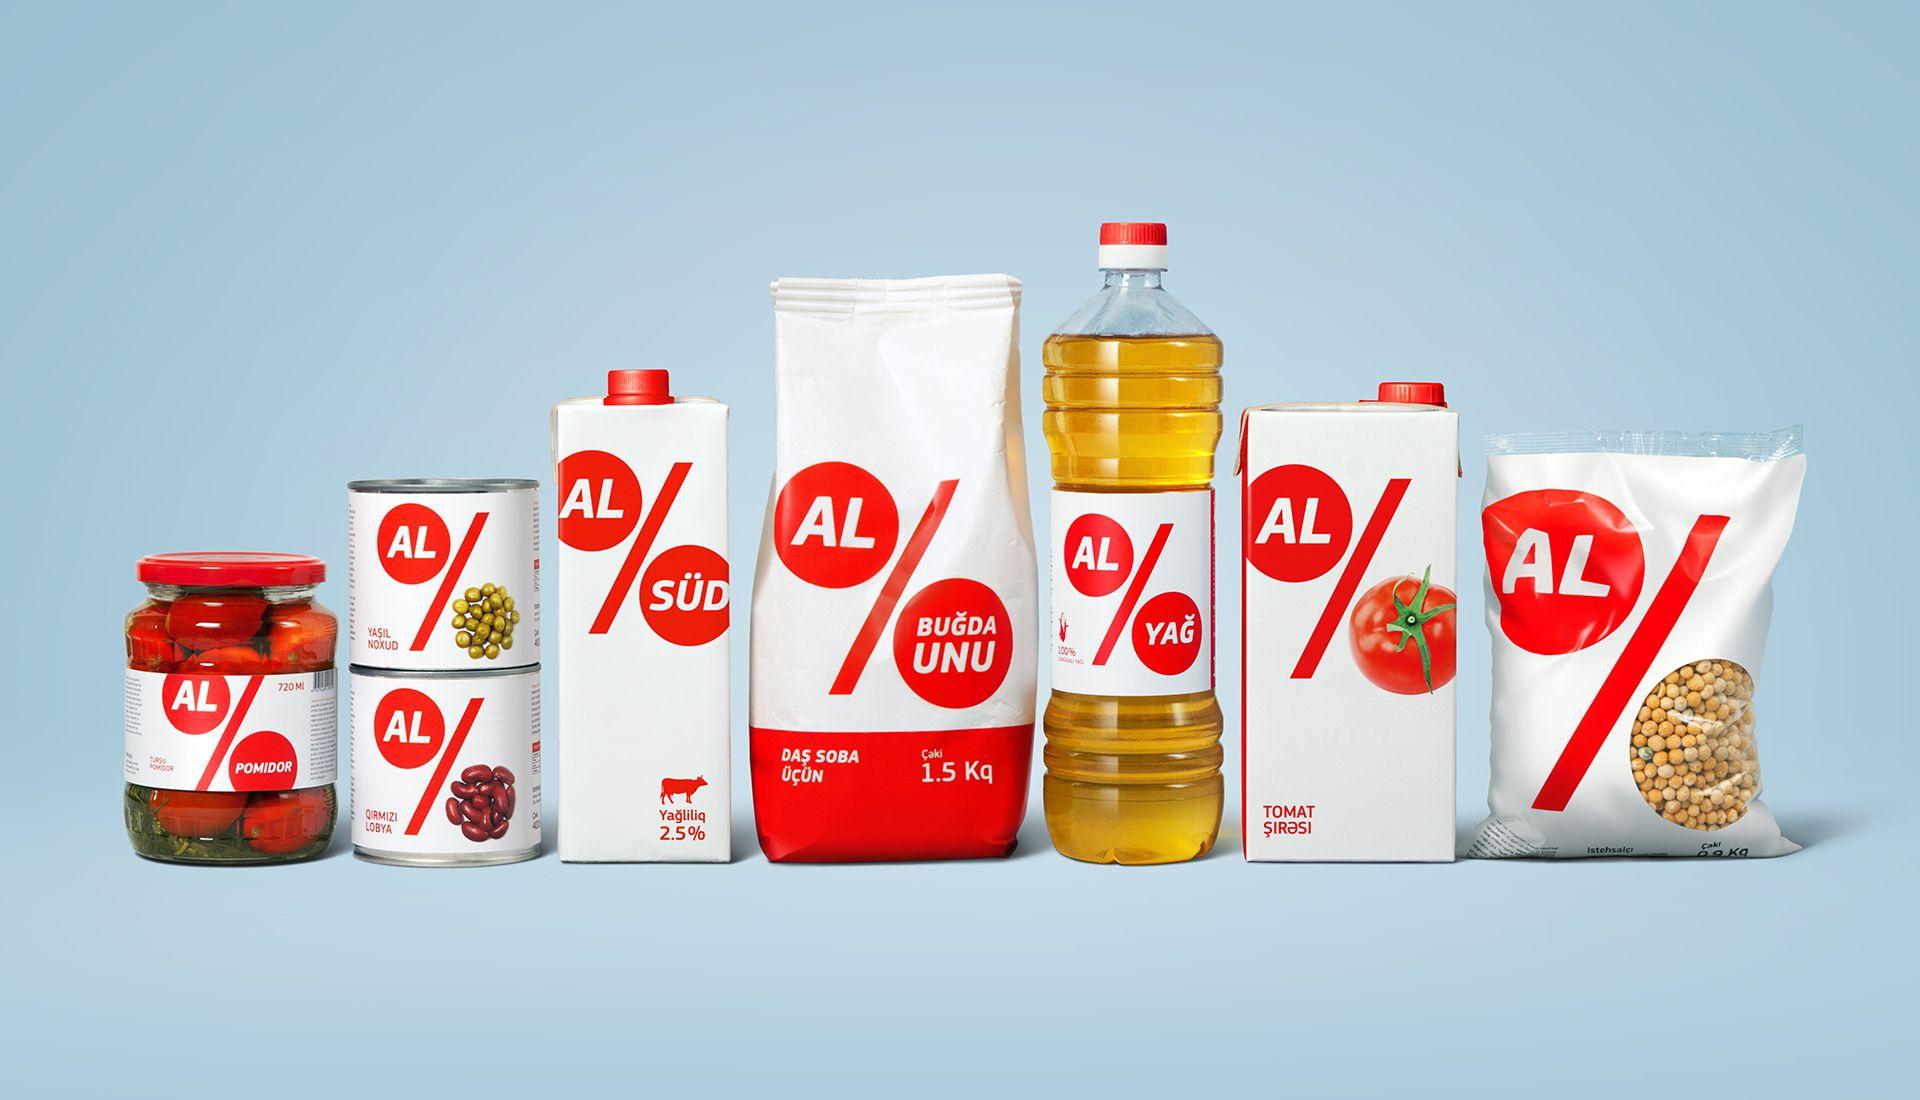 Tomatdesign º On Behance Creative Packaging Design Creative Packaging Packaging Design